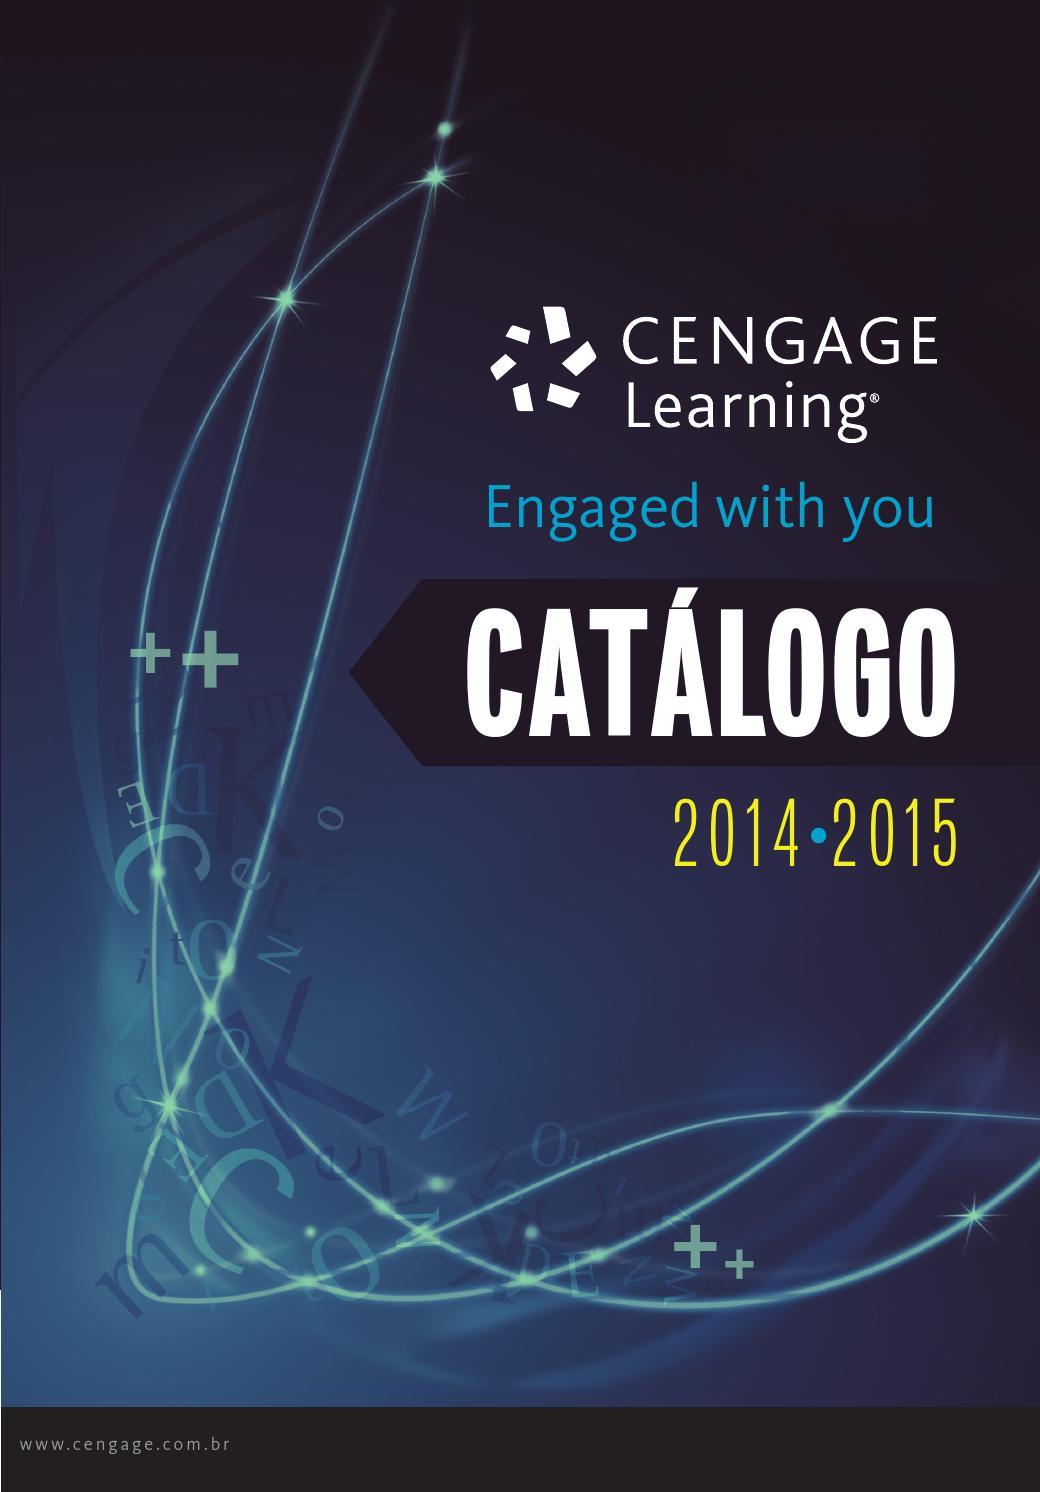 Catlogo cengage 2014 2015 by cengage brasil issuu fandeluxe Choice Image